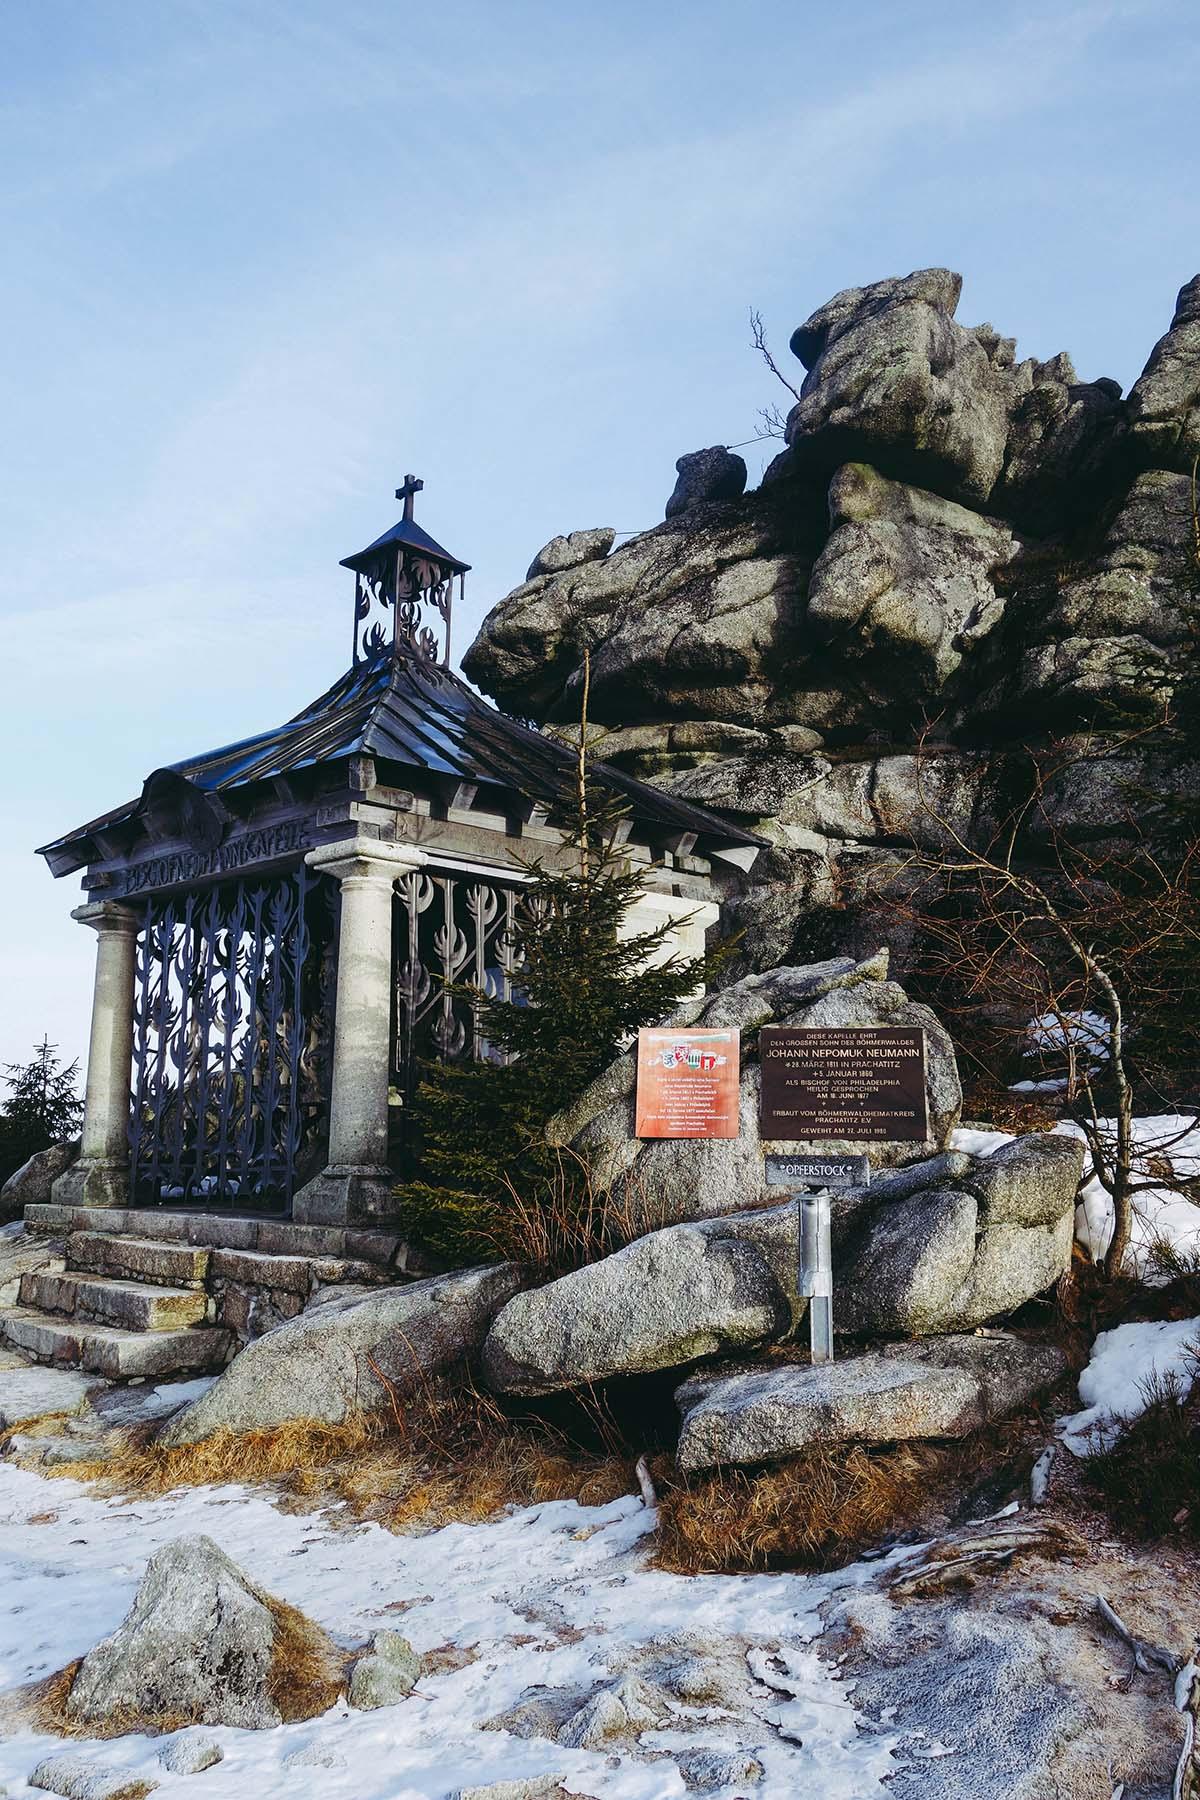 winterwanderung-dreisessel-hochstein-kapelle-winter-02